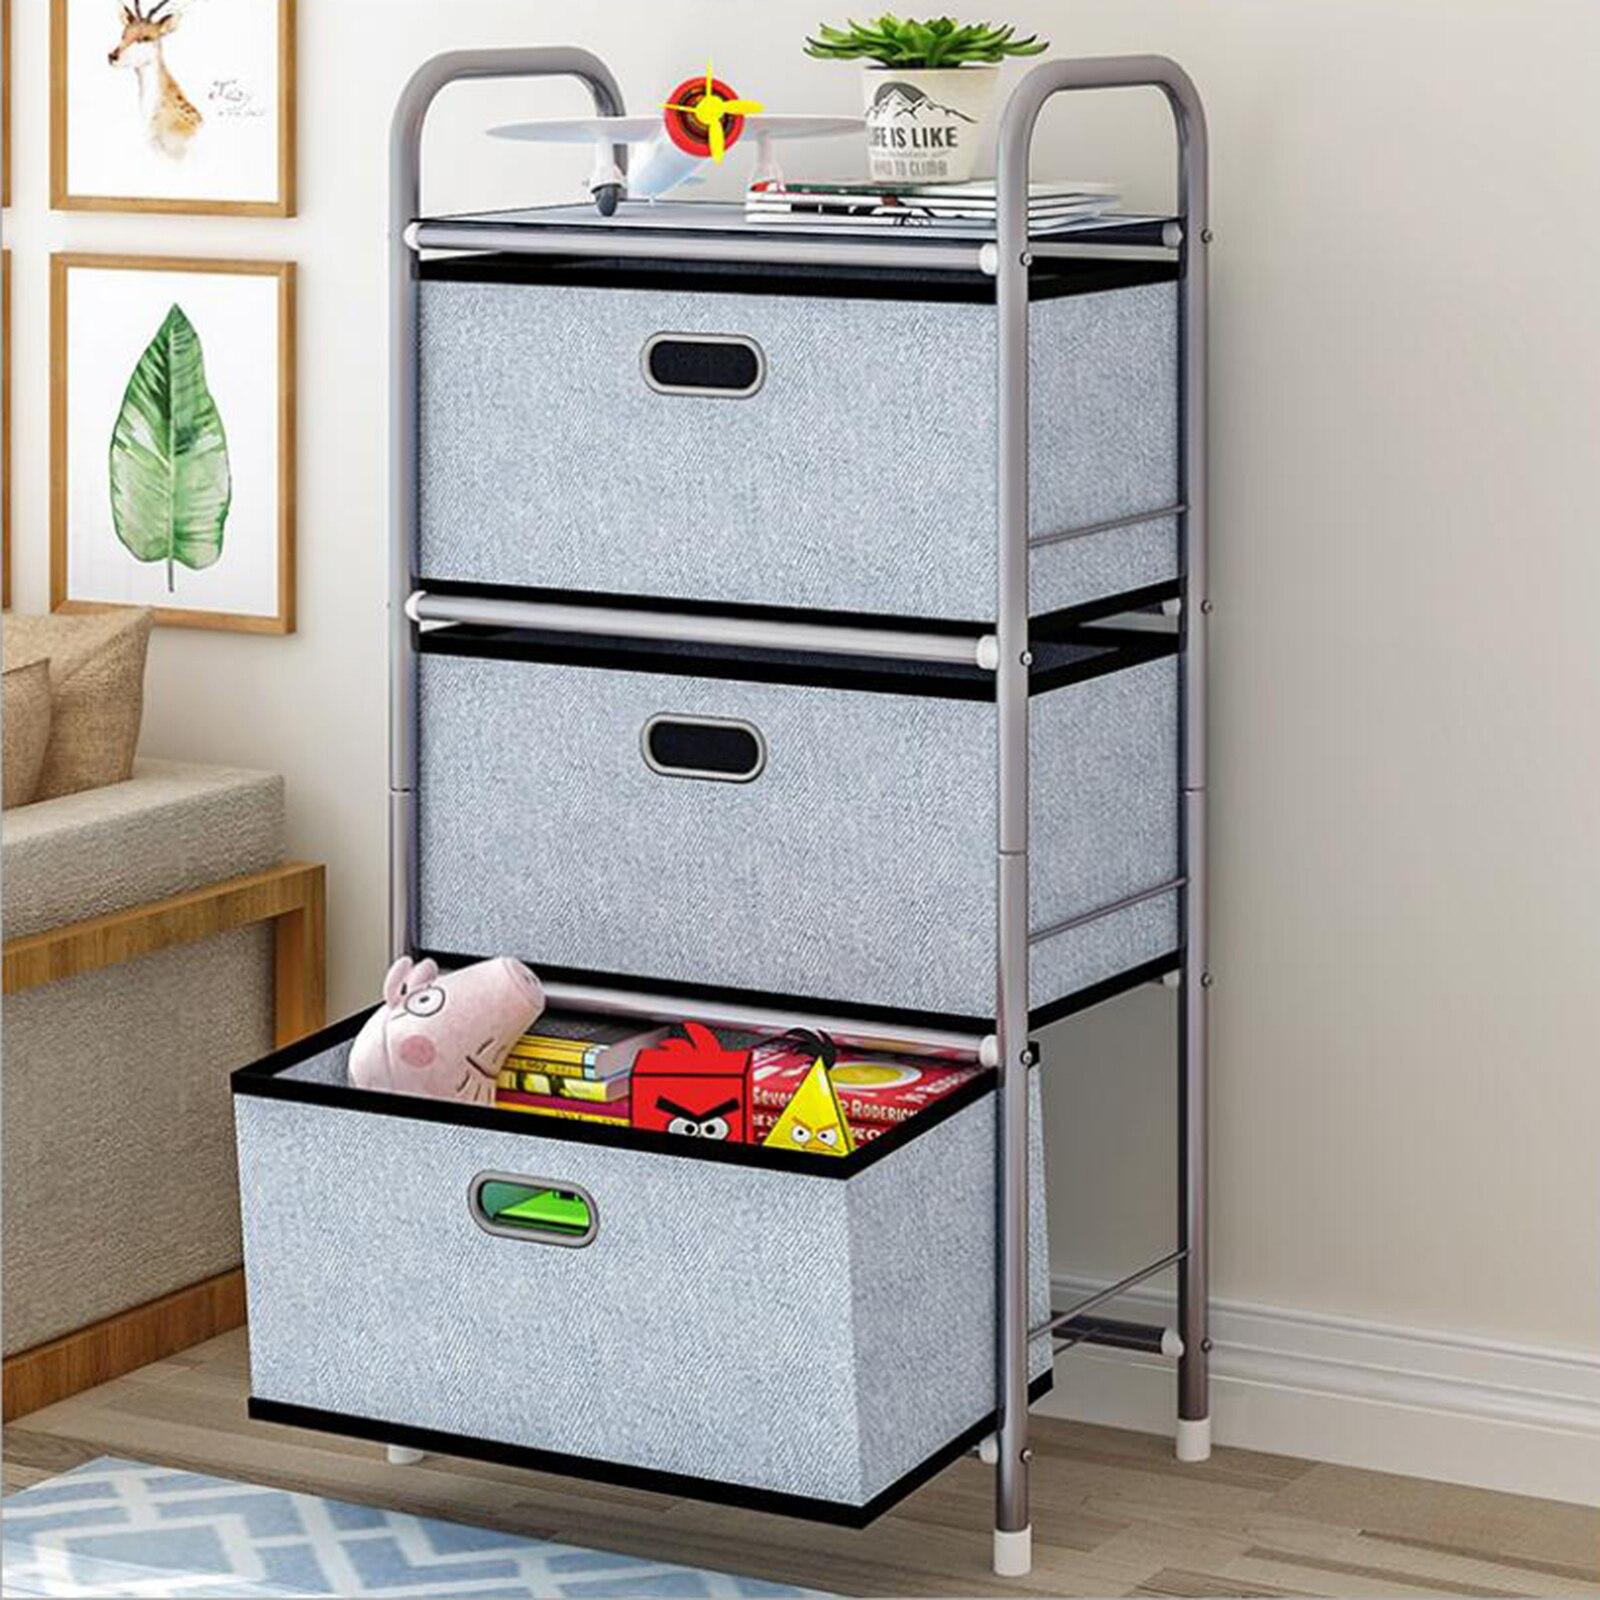 Commode multifonction commode 3 tiroirs Non-tissé meuble armoire chambre rangement jouet boîte de rangement étagère de rangement